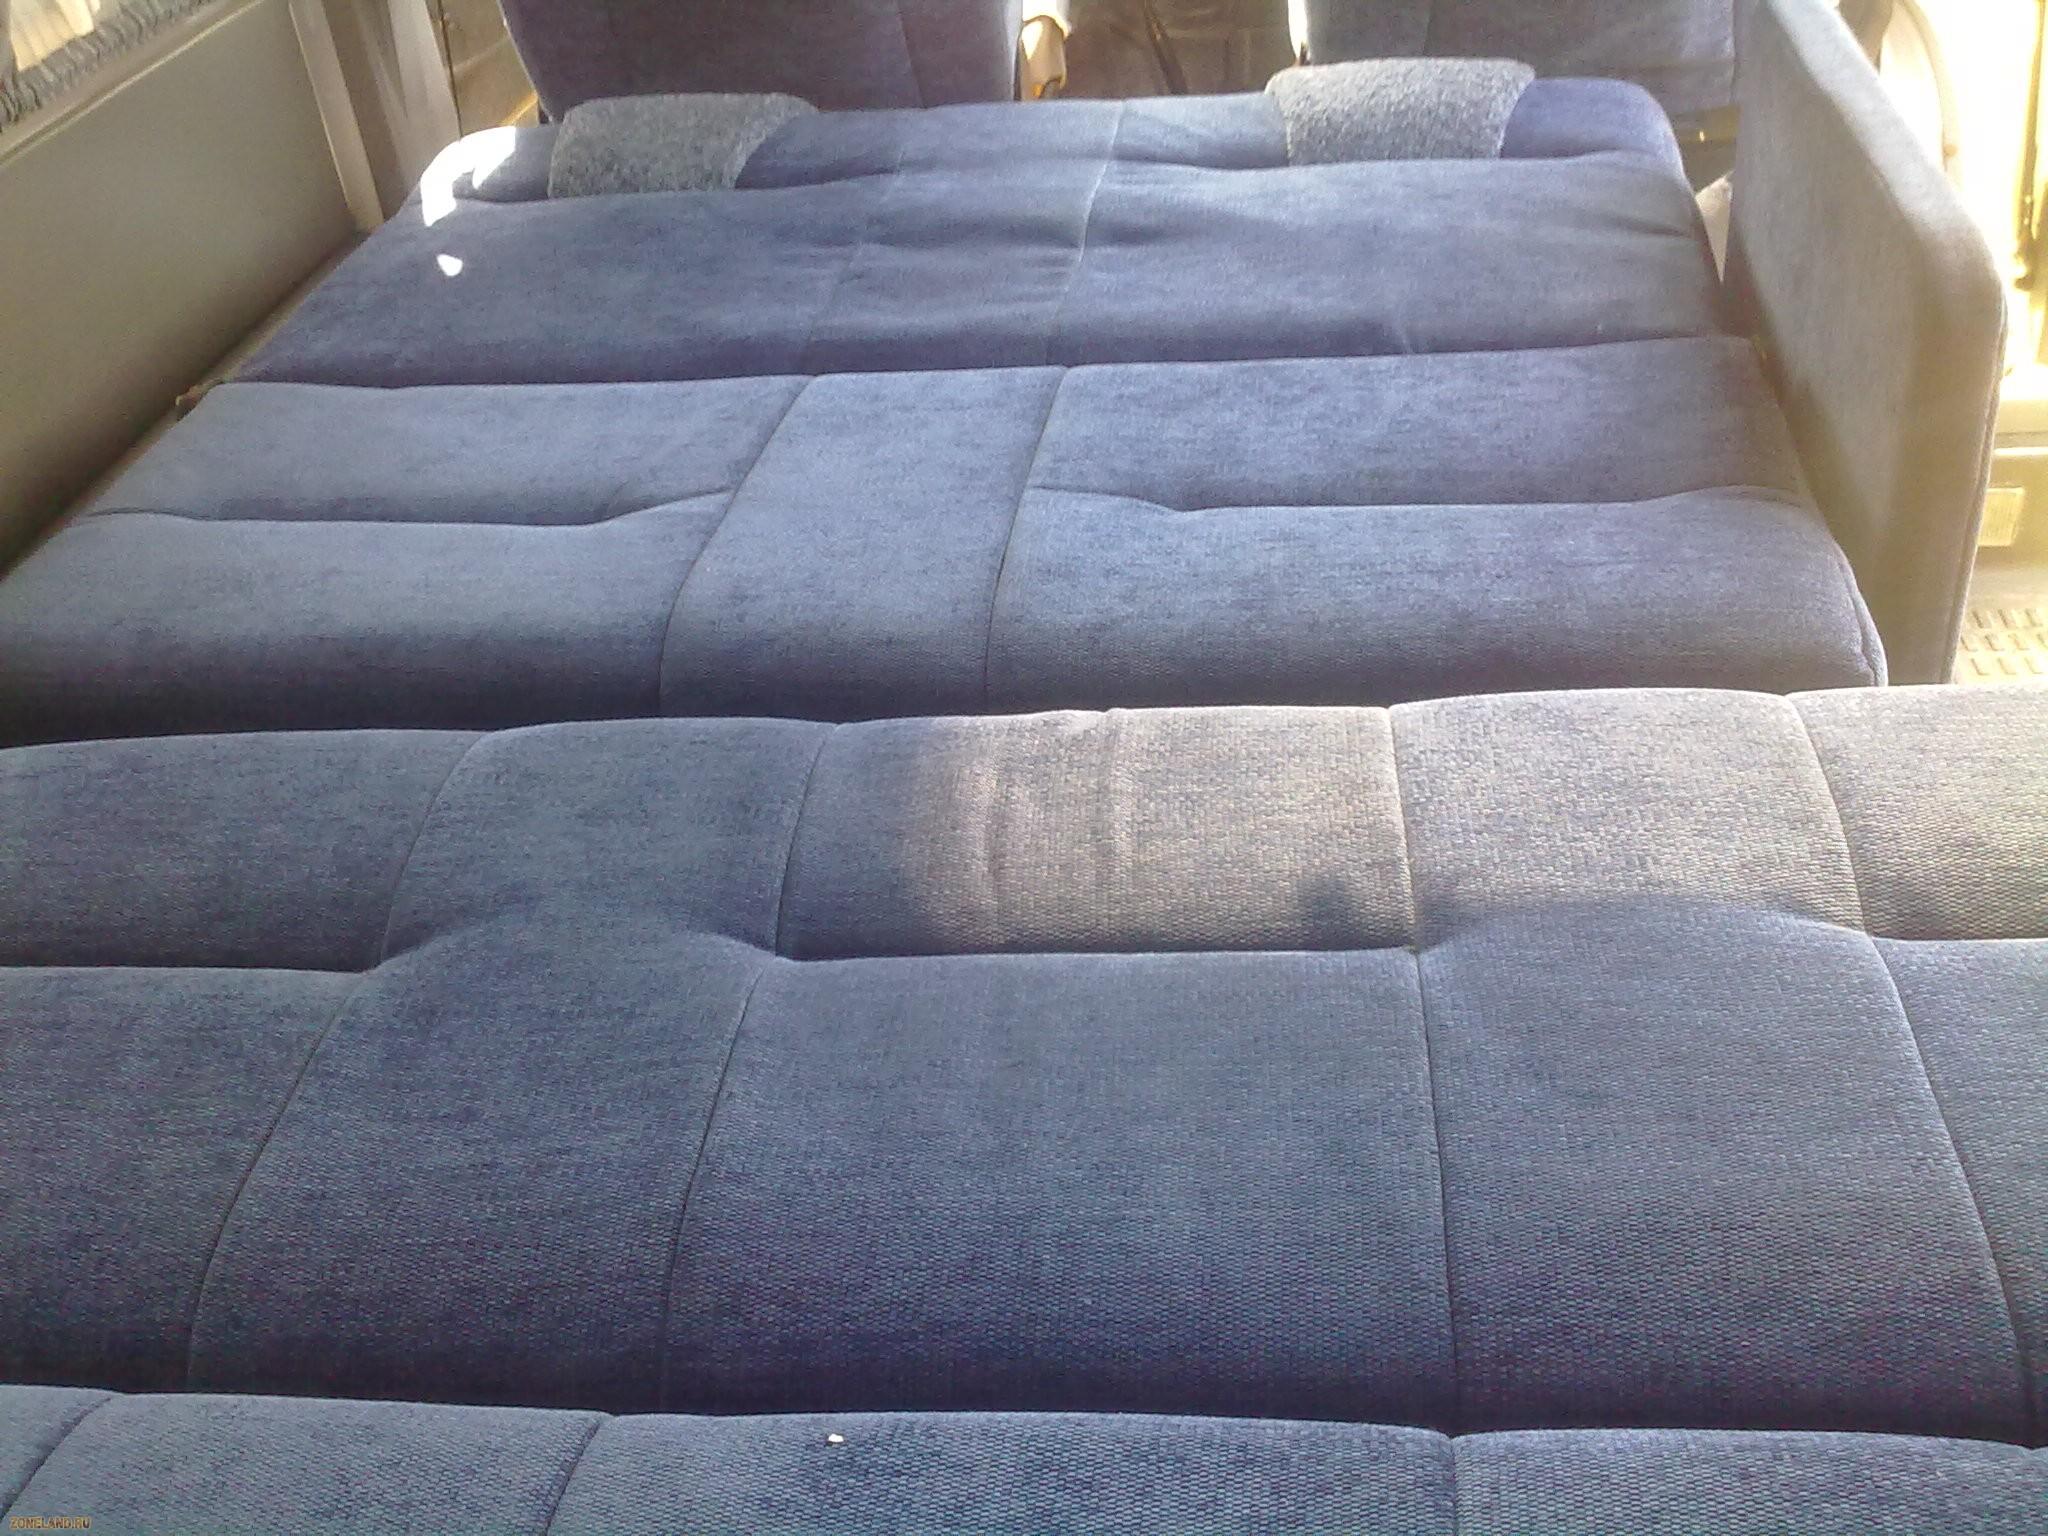 Раскладной диван. Часть 1. Клик-кляк. бортжурнал ГАЗ 35